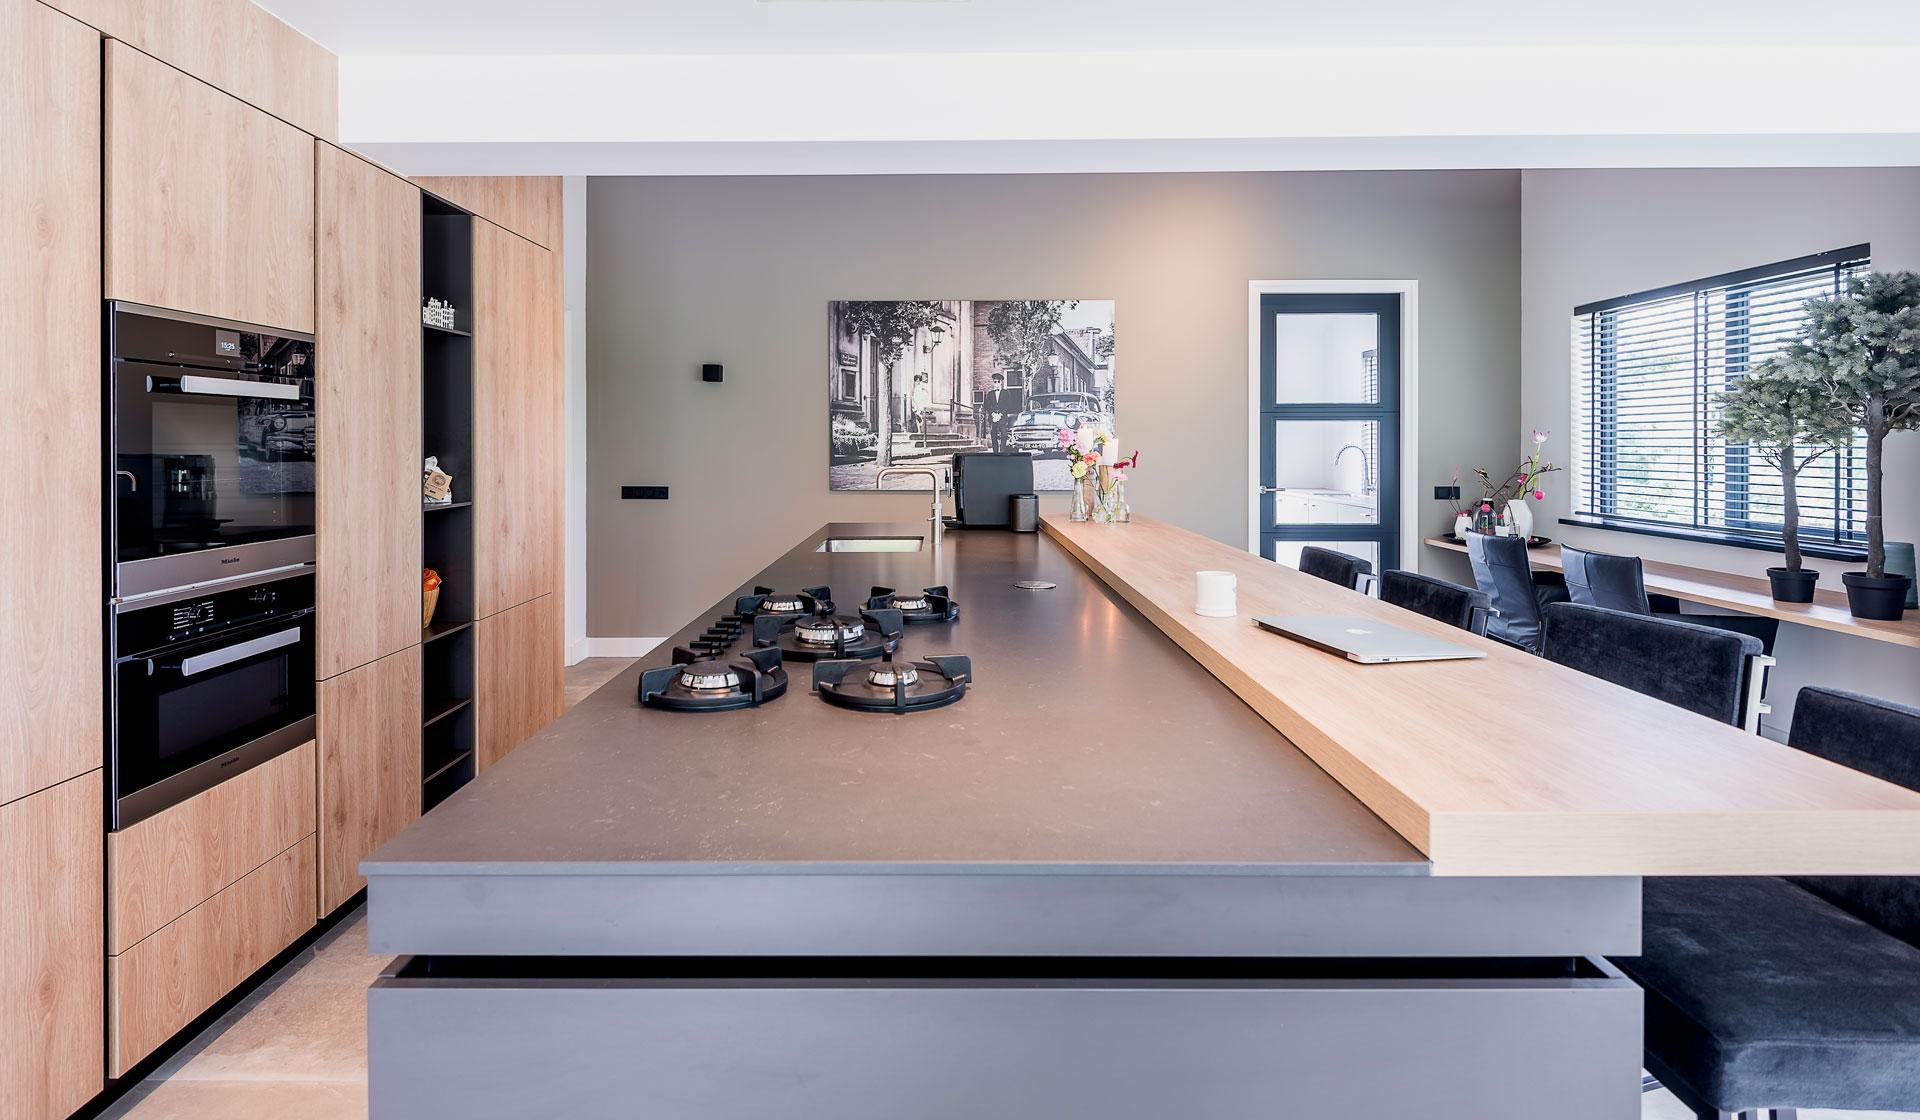 Maatwerk Keuken Ontwerp Het Fundament Architectuur